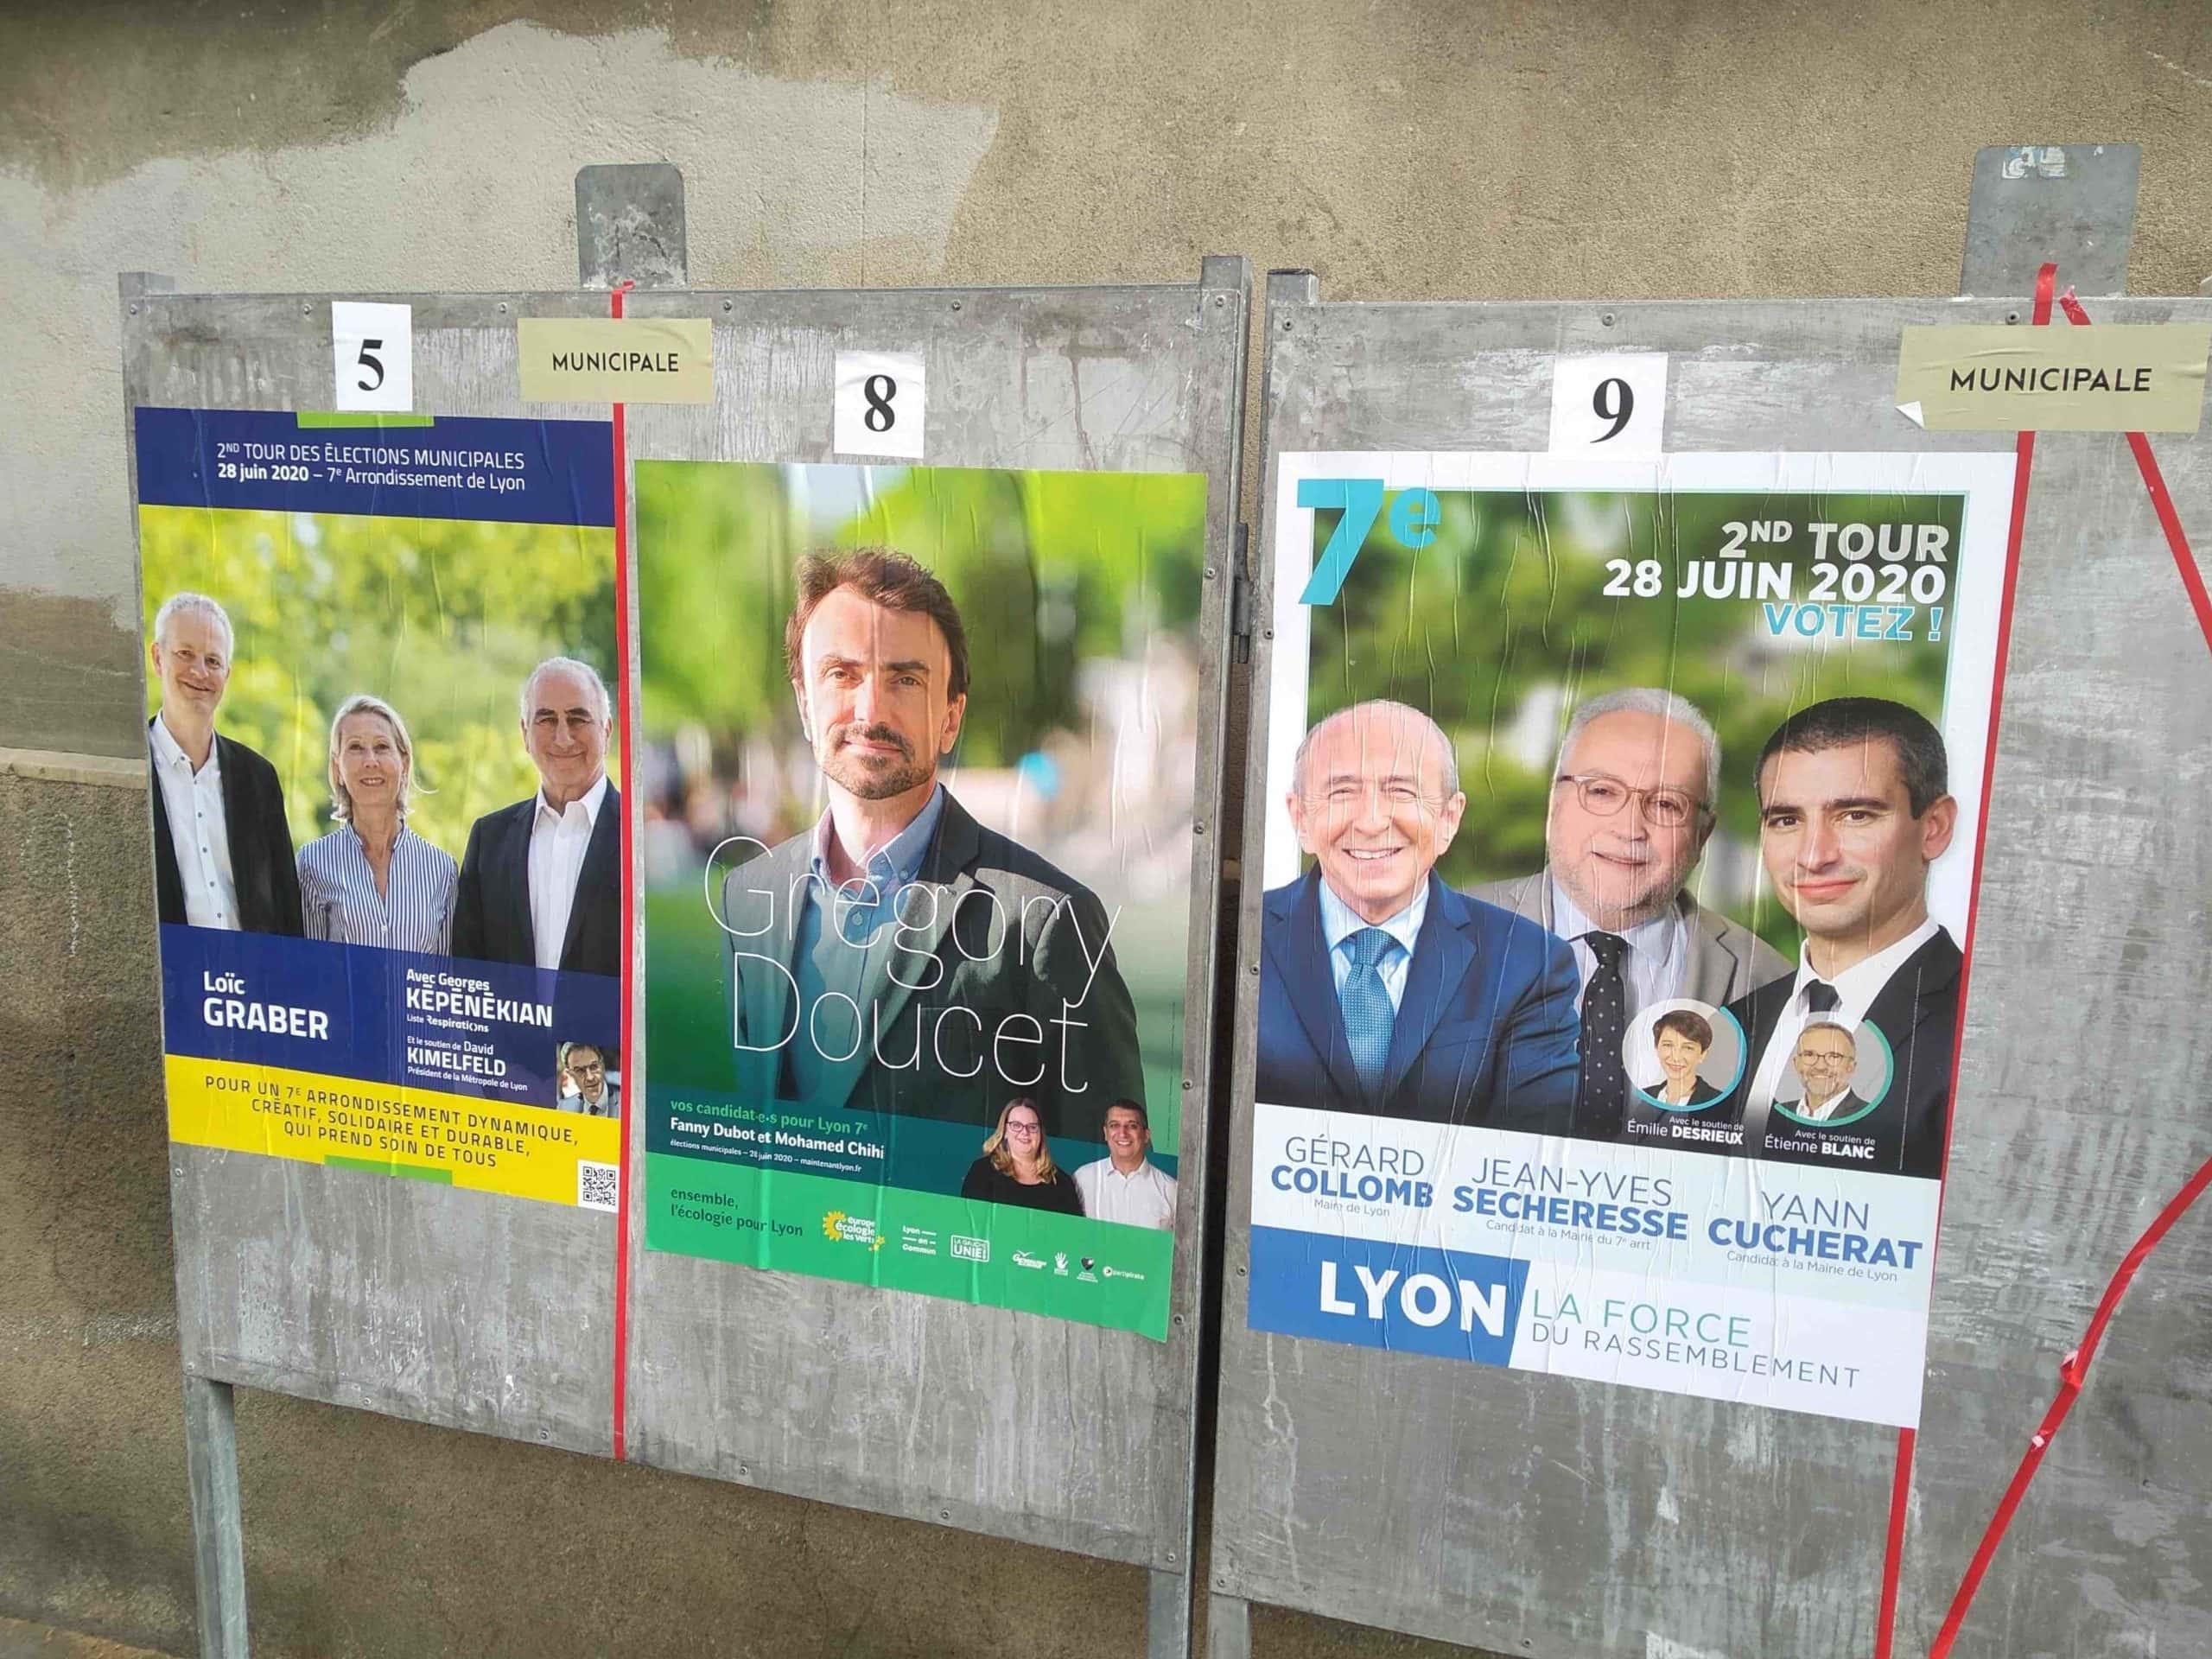 Panneau électoral pour le second tour des élections municipales à Lyon en 2020